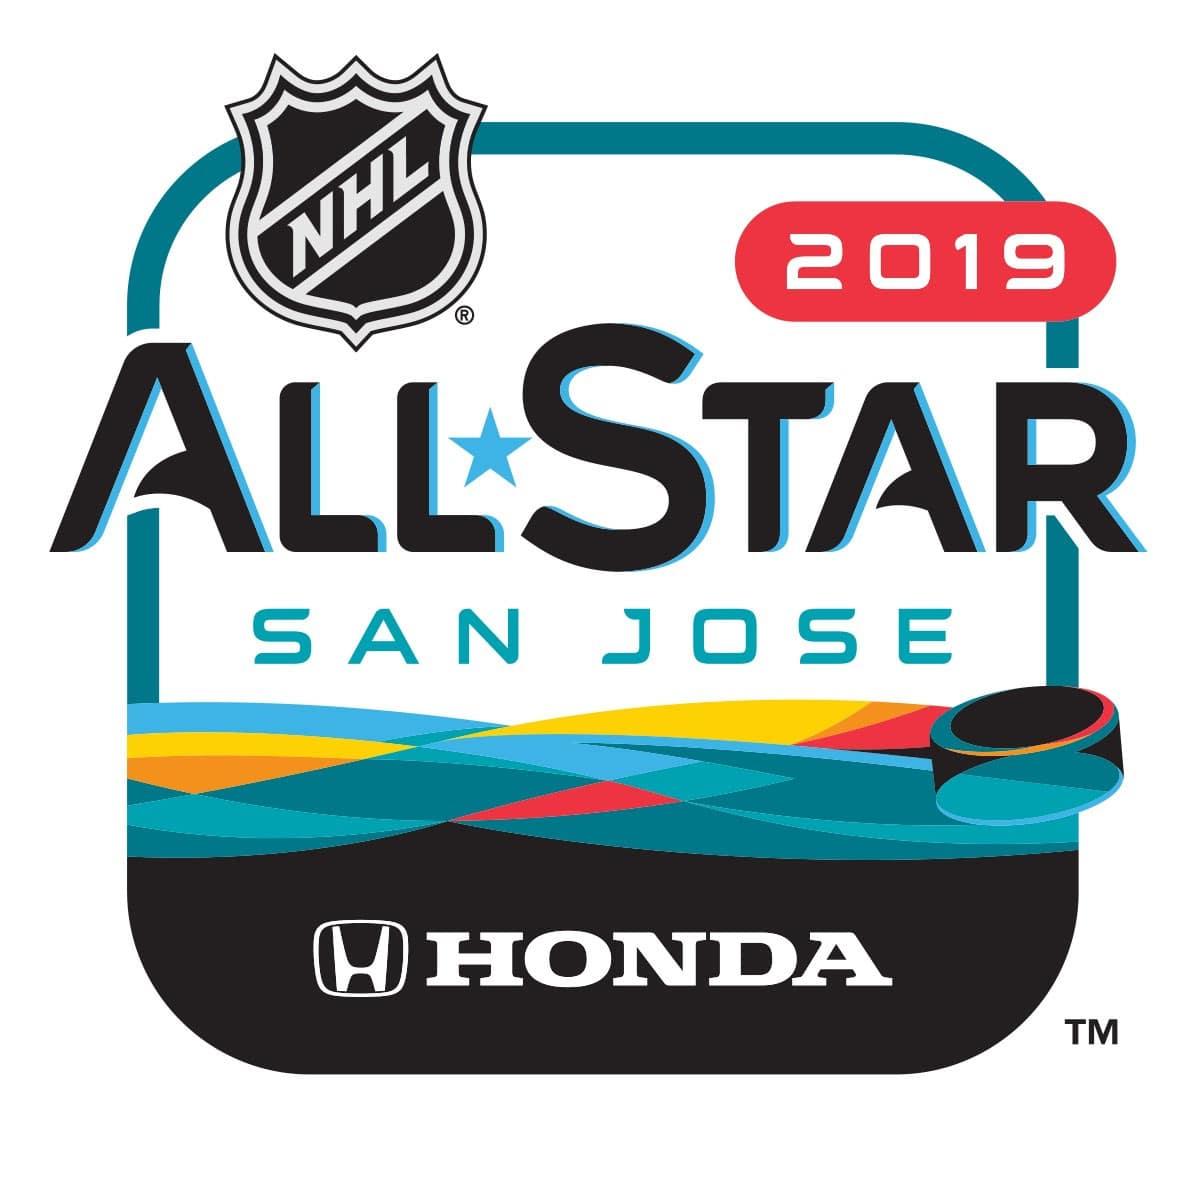 San Jose Honda >> Honda Named Title Sponsor Of 2019 Nhl All Star Game In San Jose